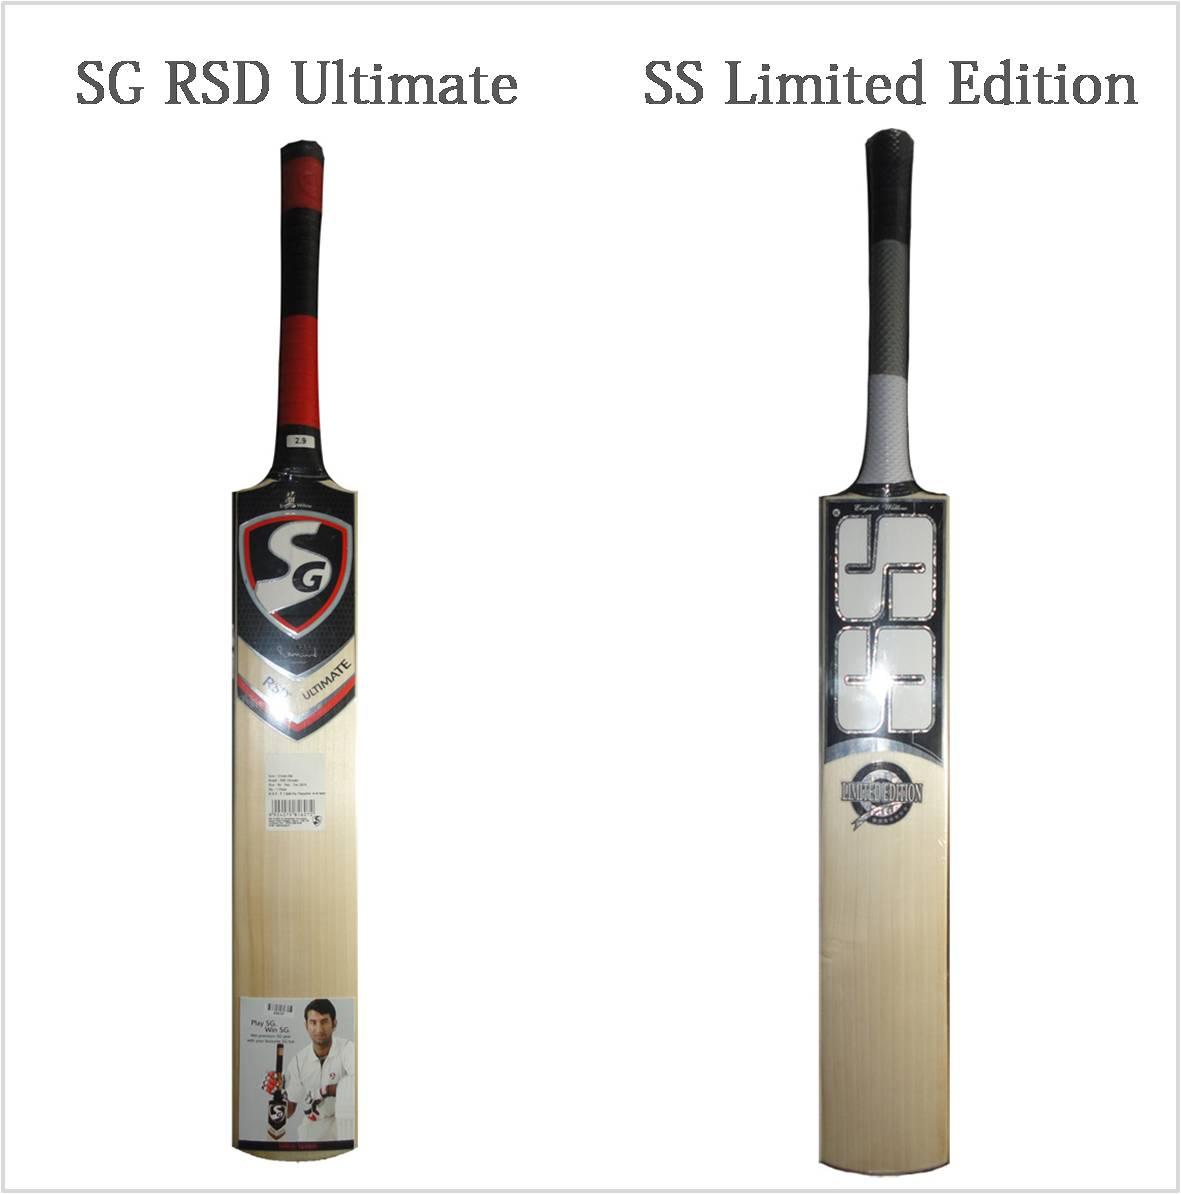 SS Cricket bats Vs Sg Cricket Bats